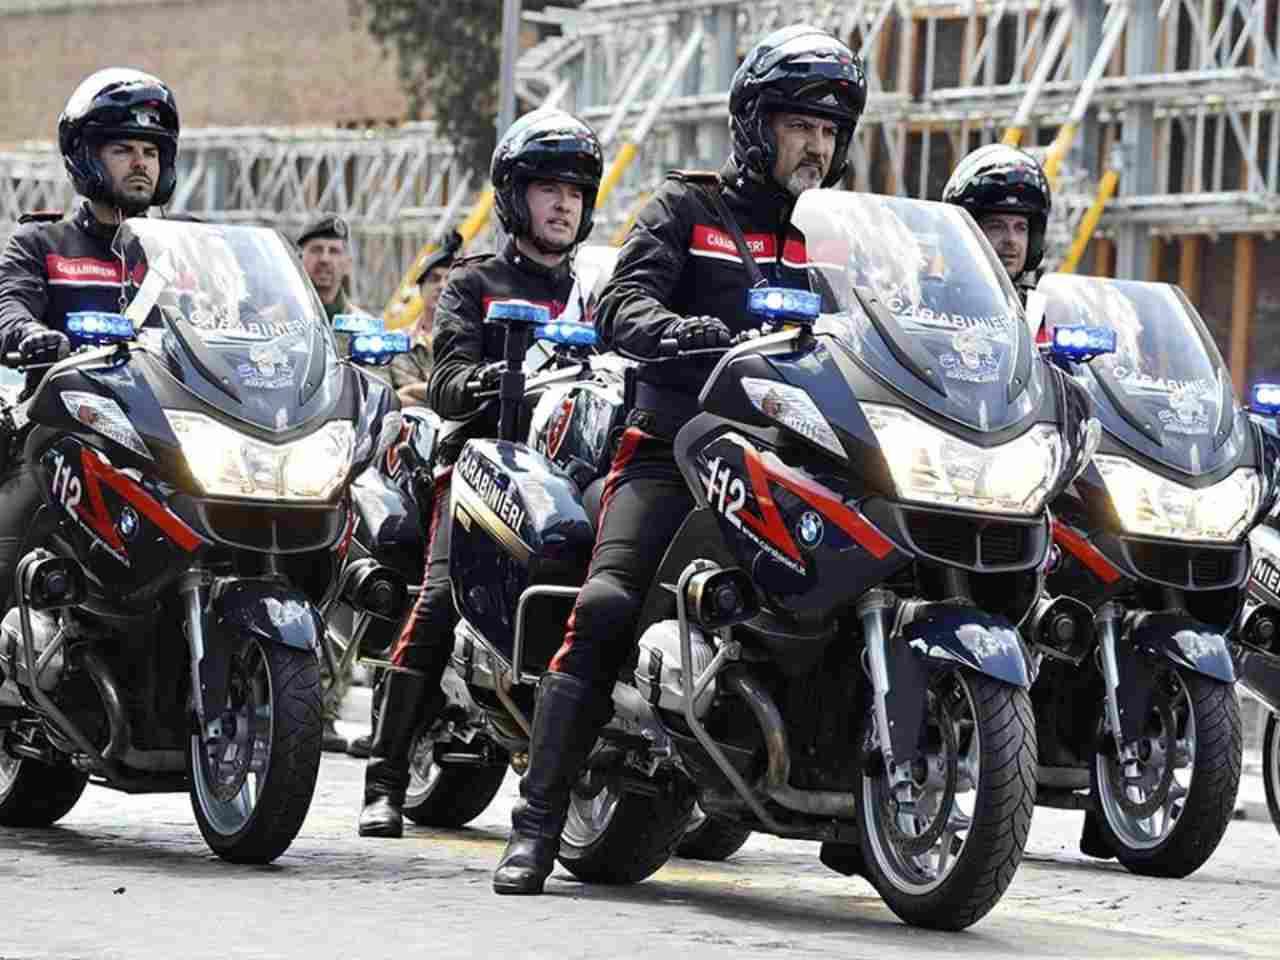 Moto BMW Carabinieri